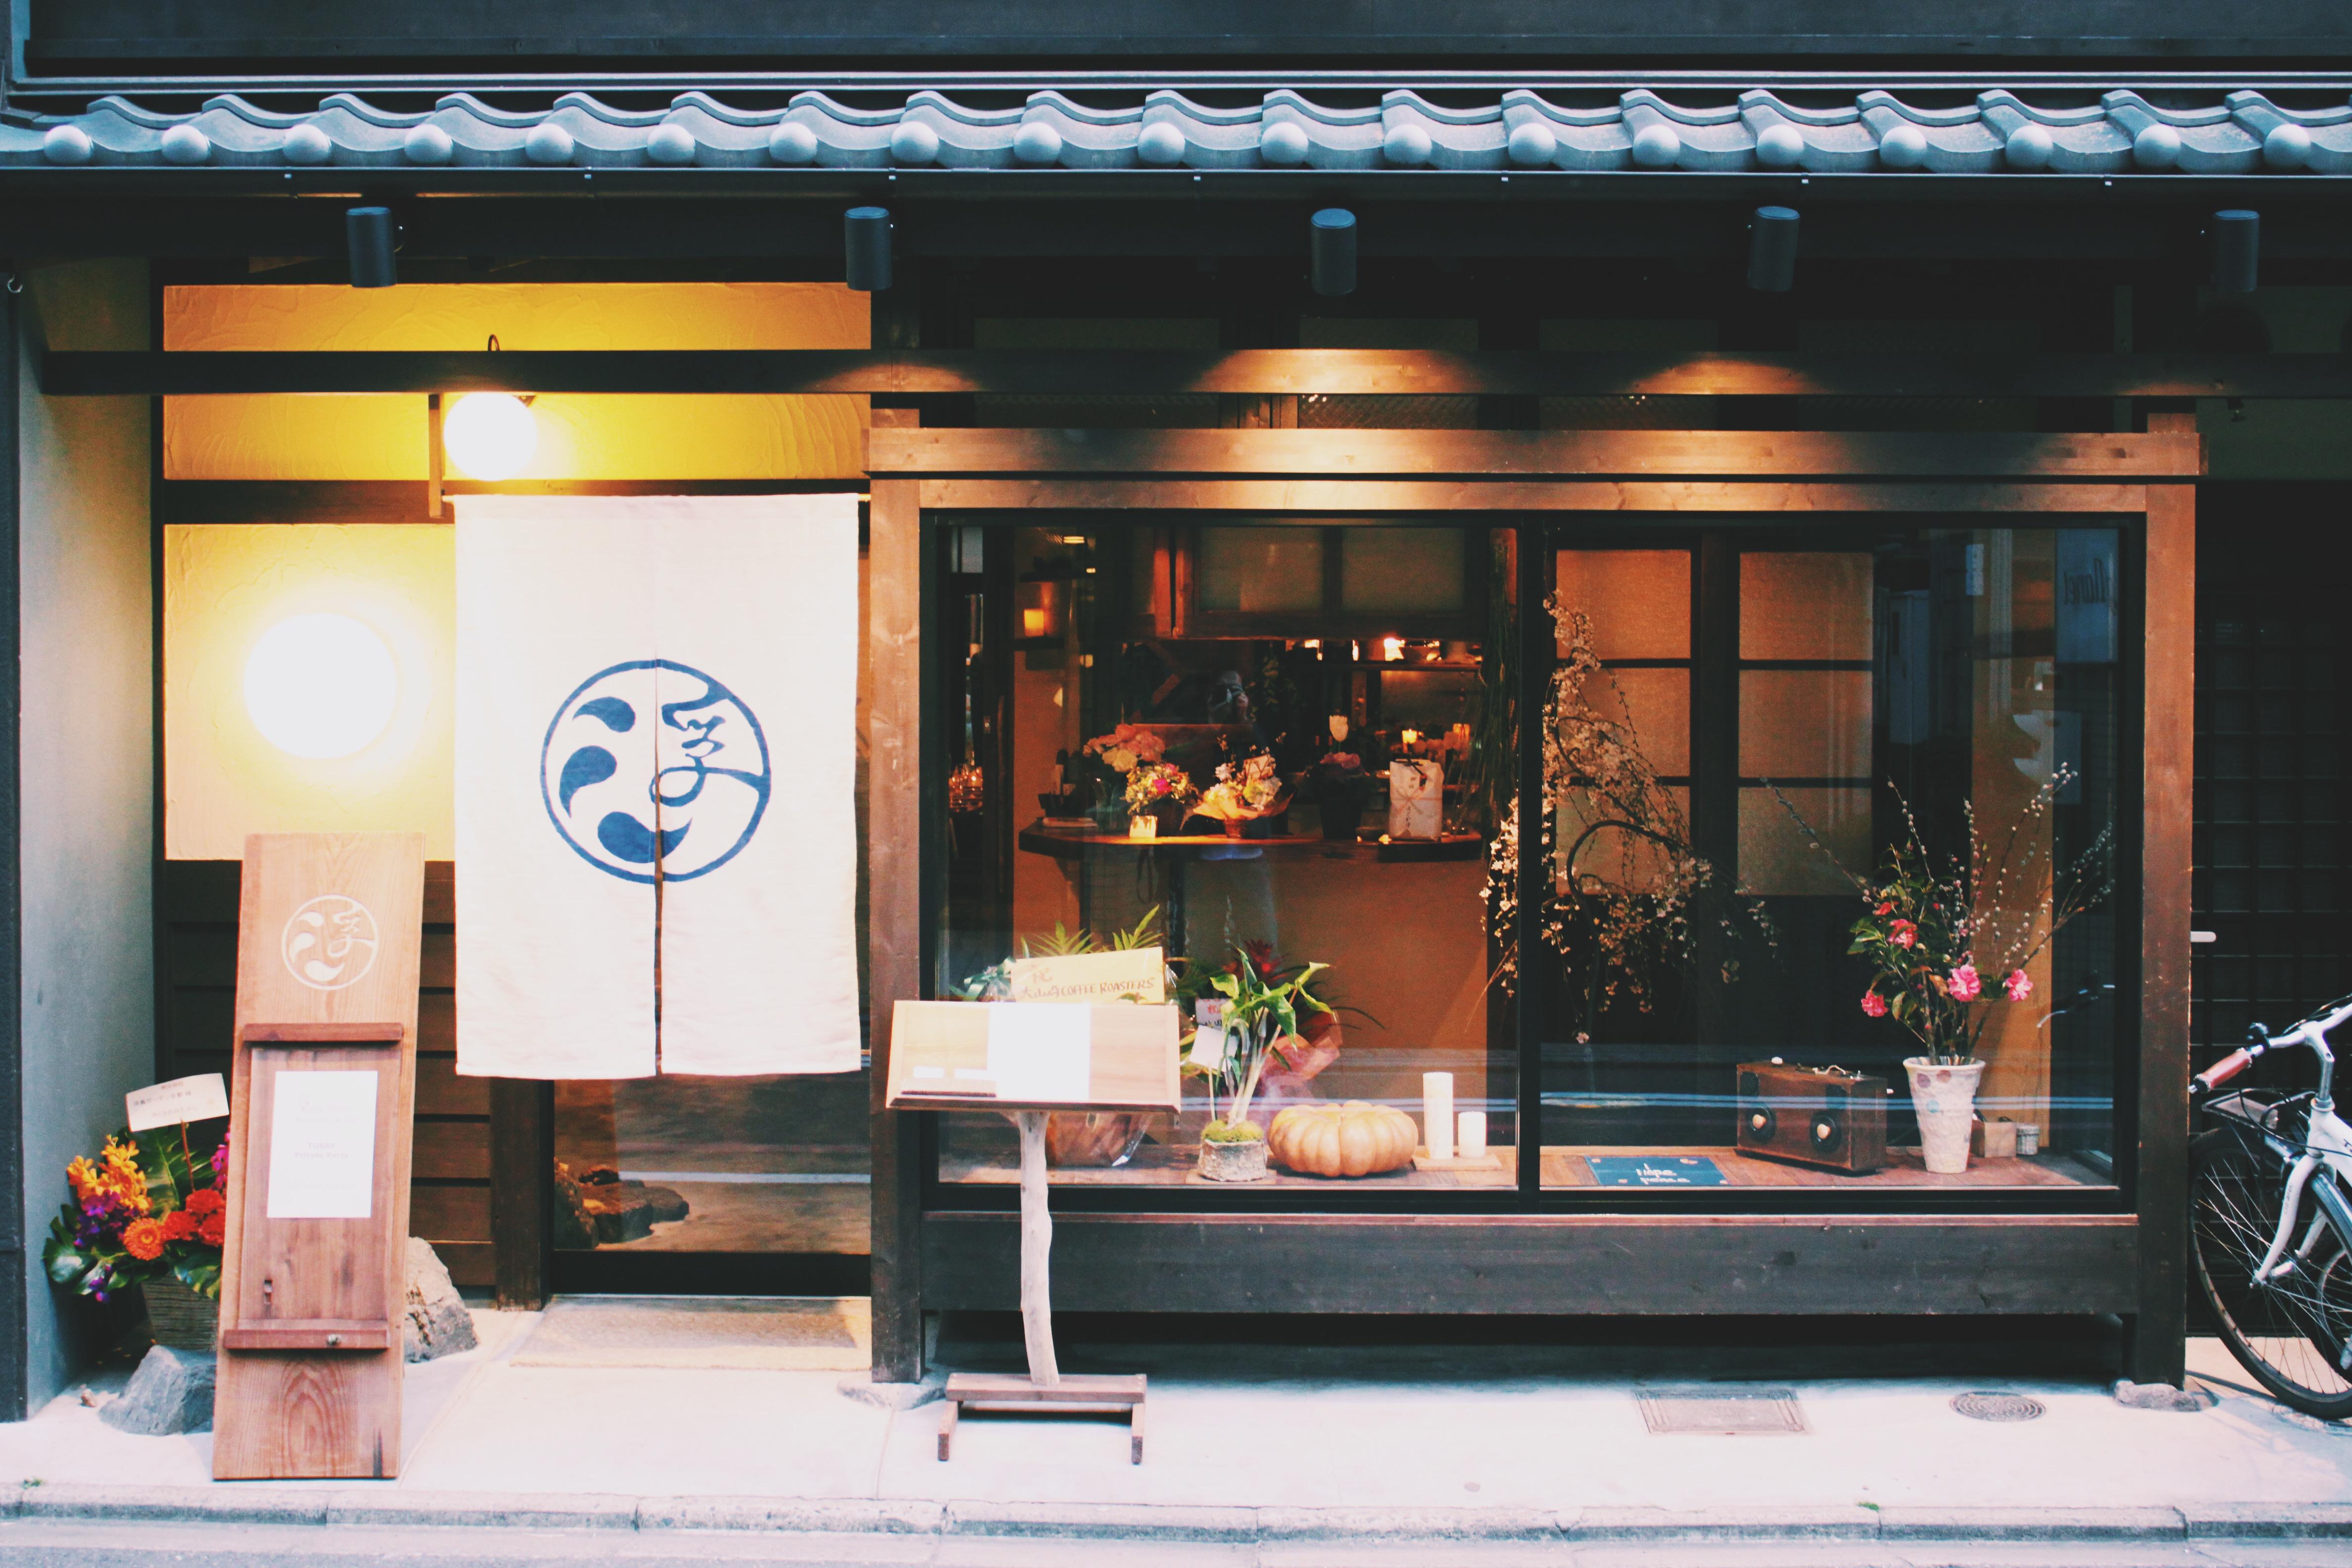 4月1日、浮島ガーデン京都店さんがオープンされました。